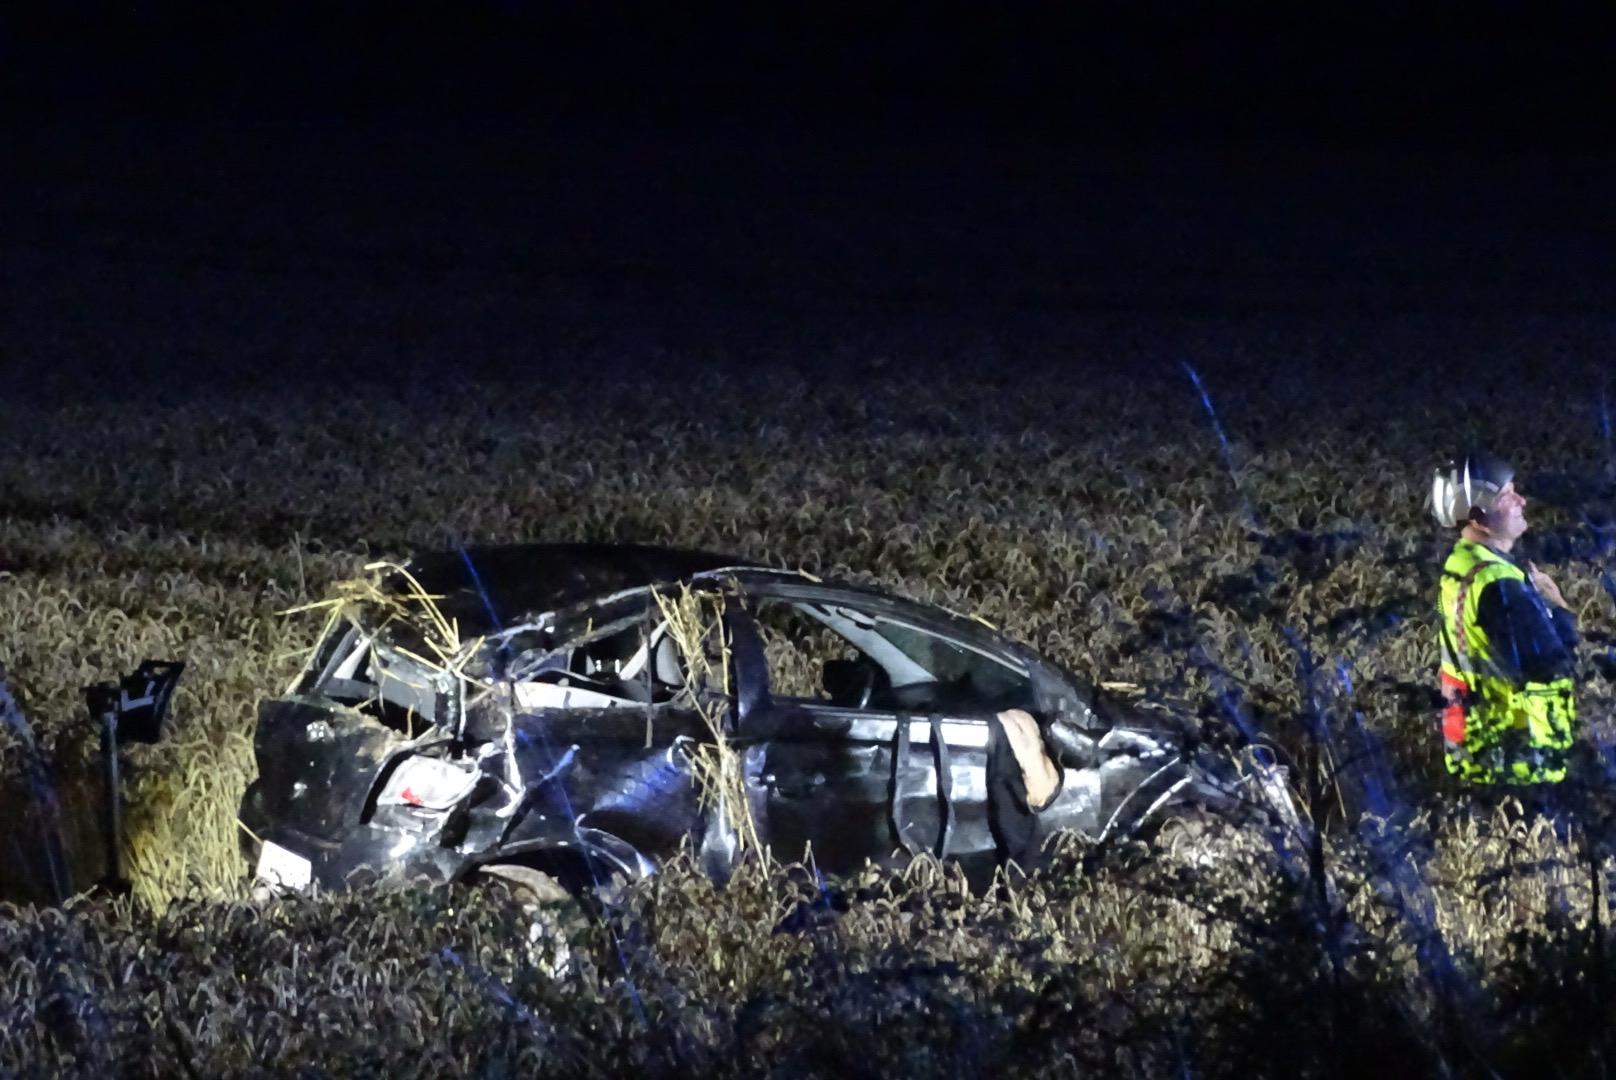 Voldsomt færdselsuheld - bil kørt af vejen